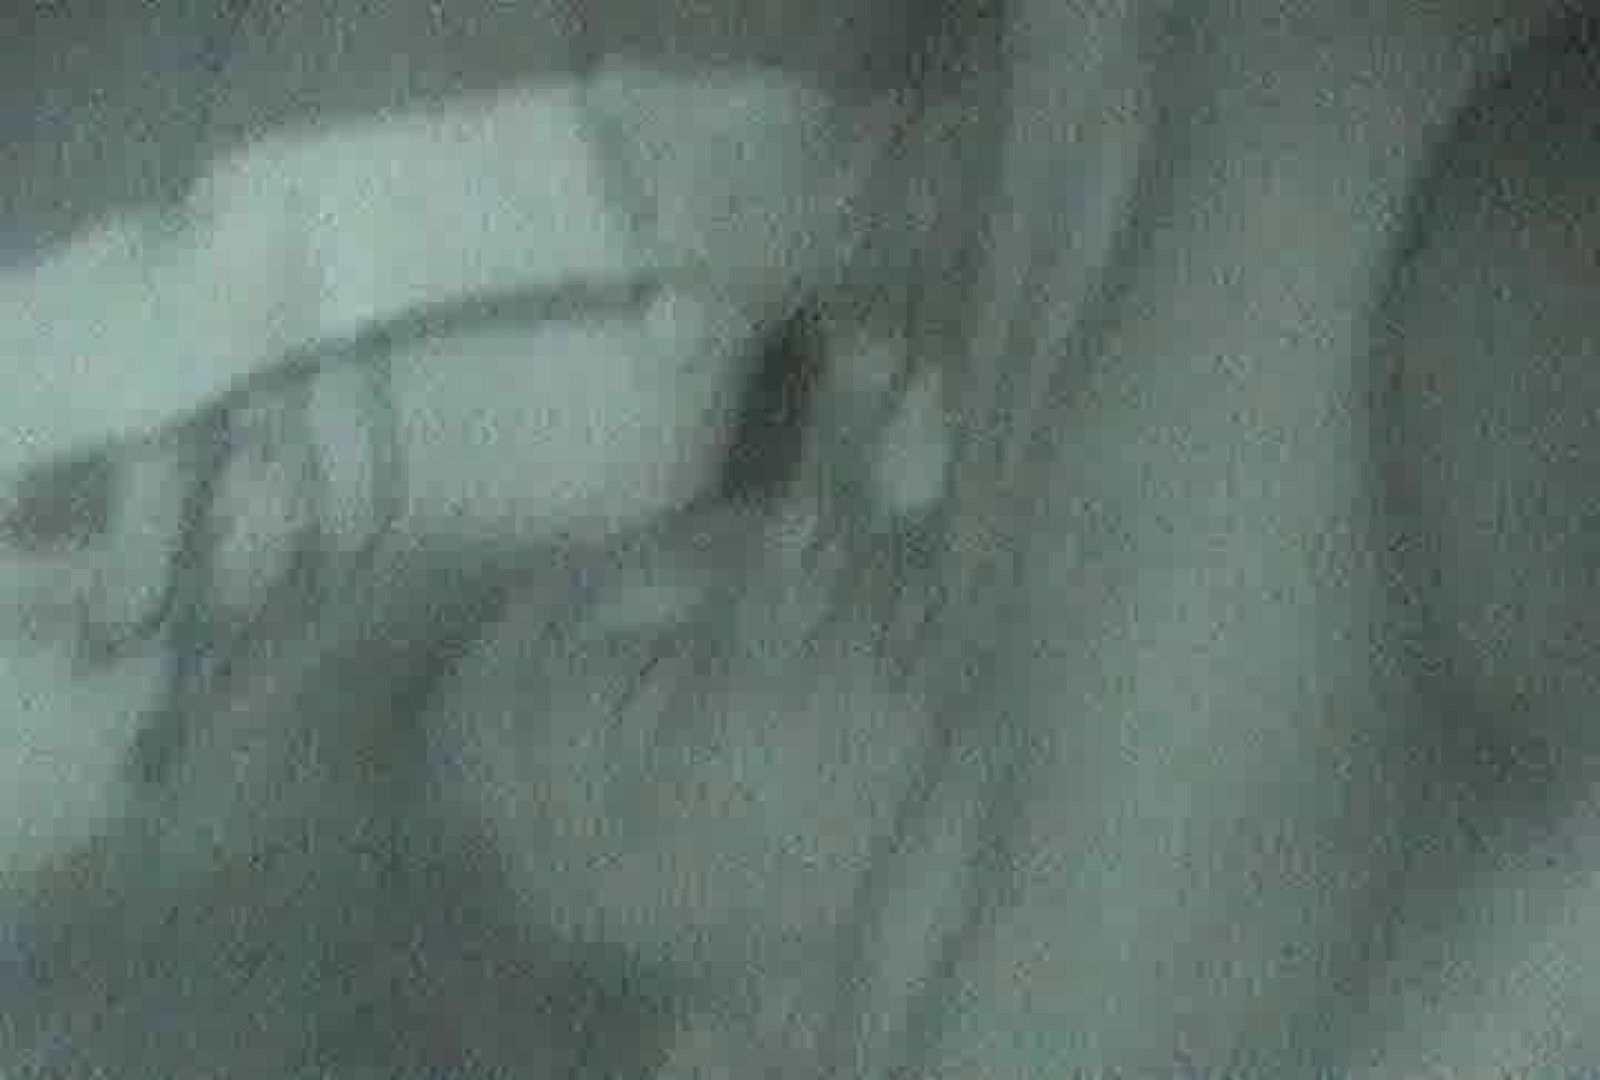 充血監督の深夜の運動会Vol.110 独身エッチOL | カップル  57pic 27